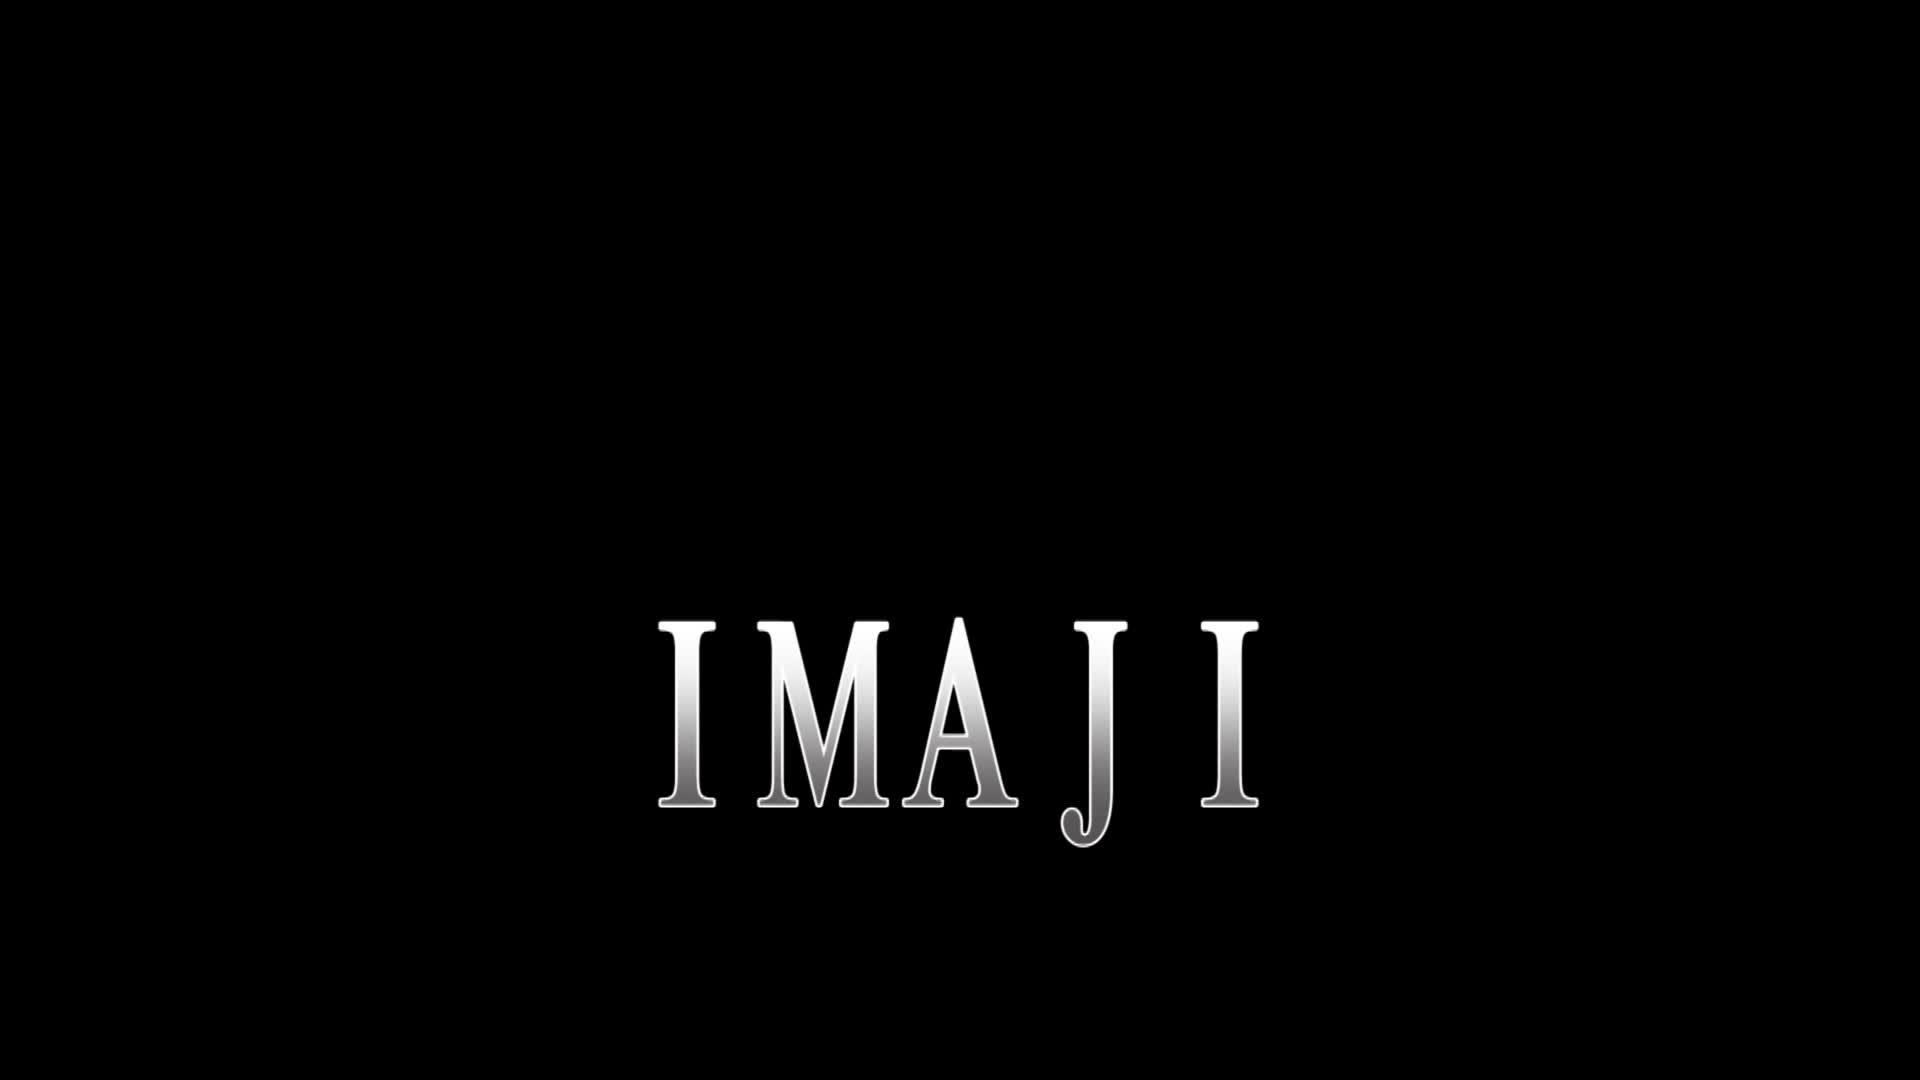 Imaji